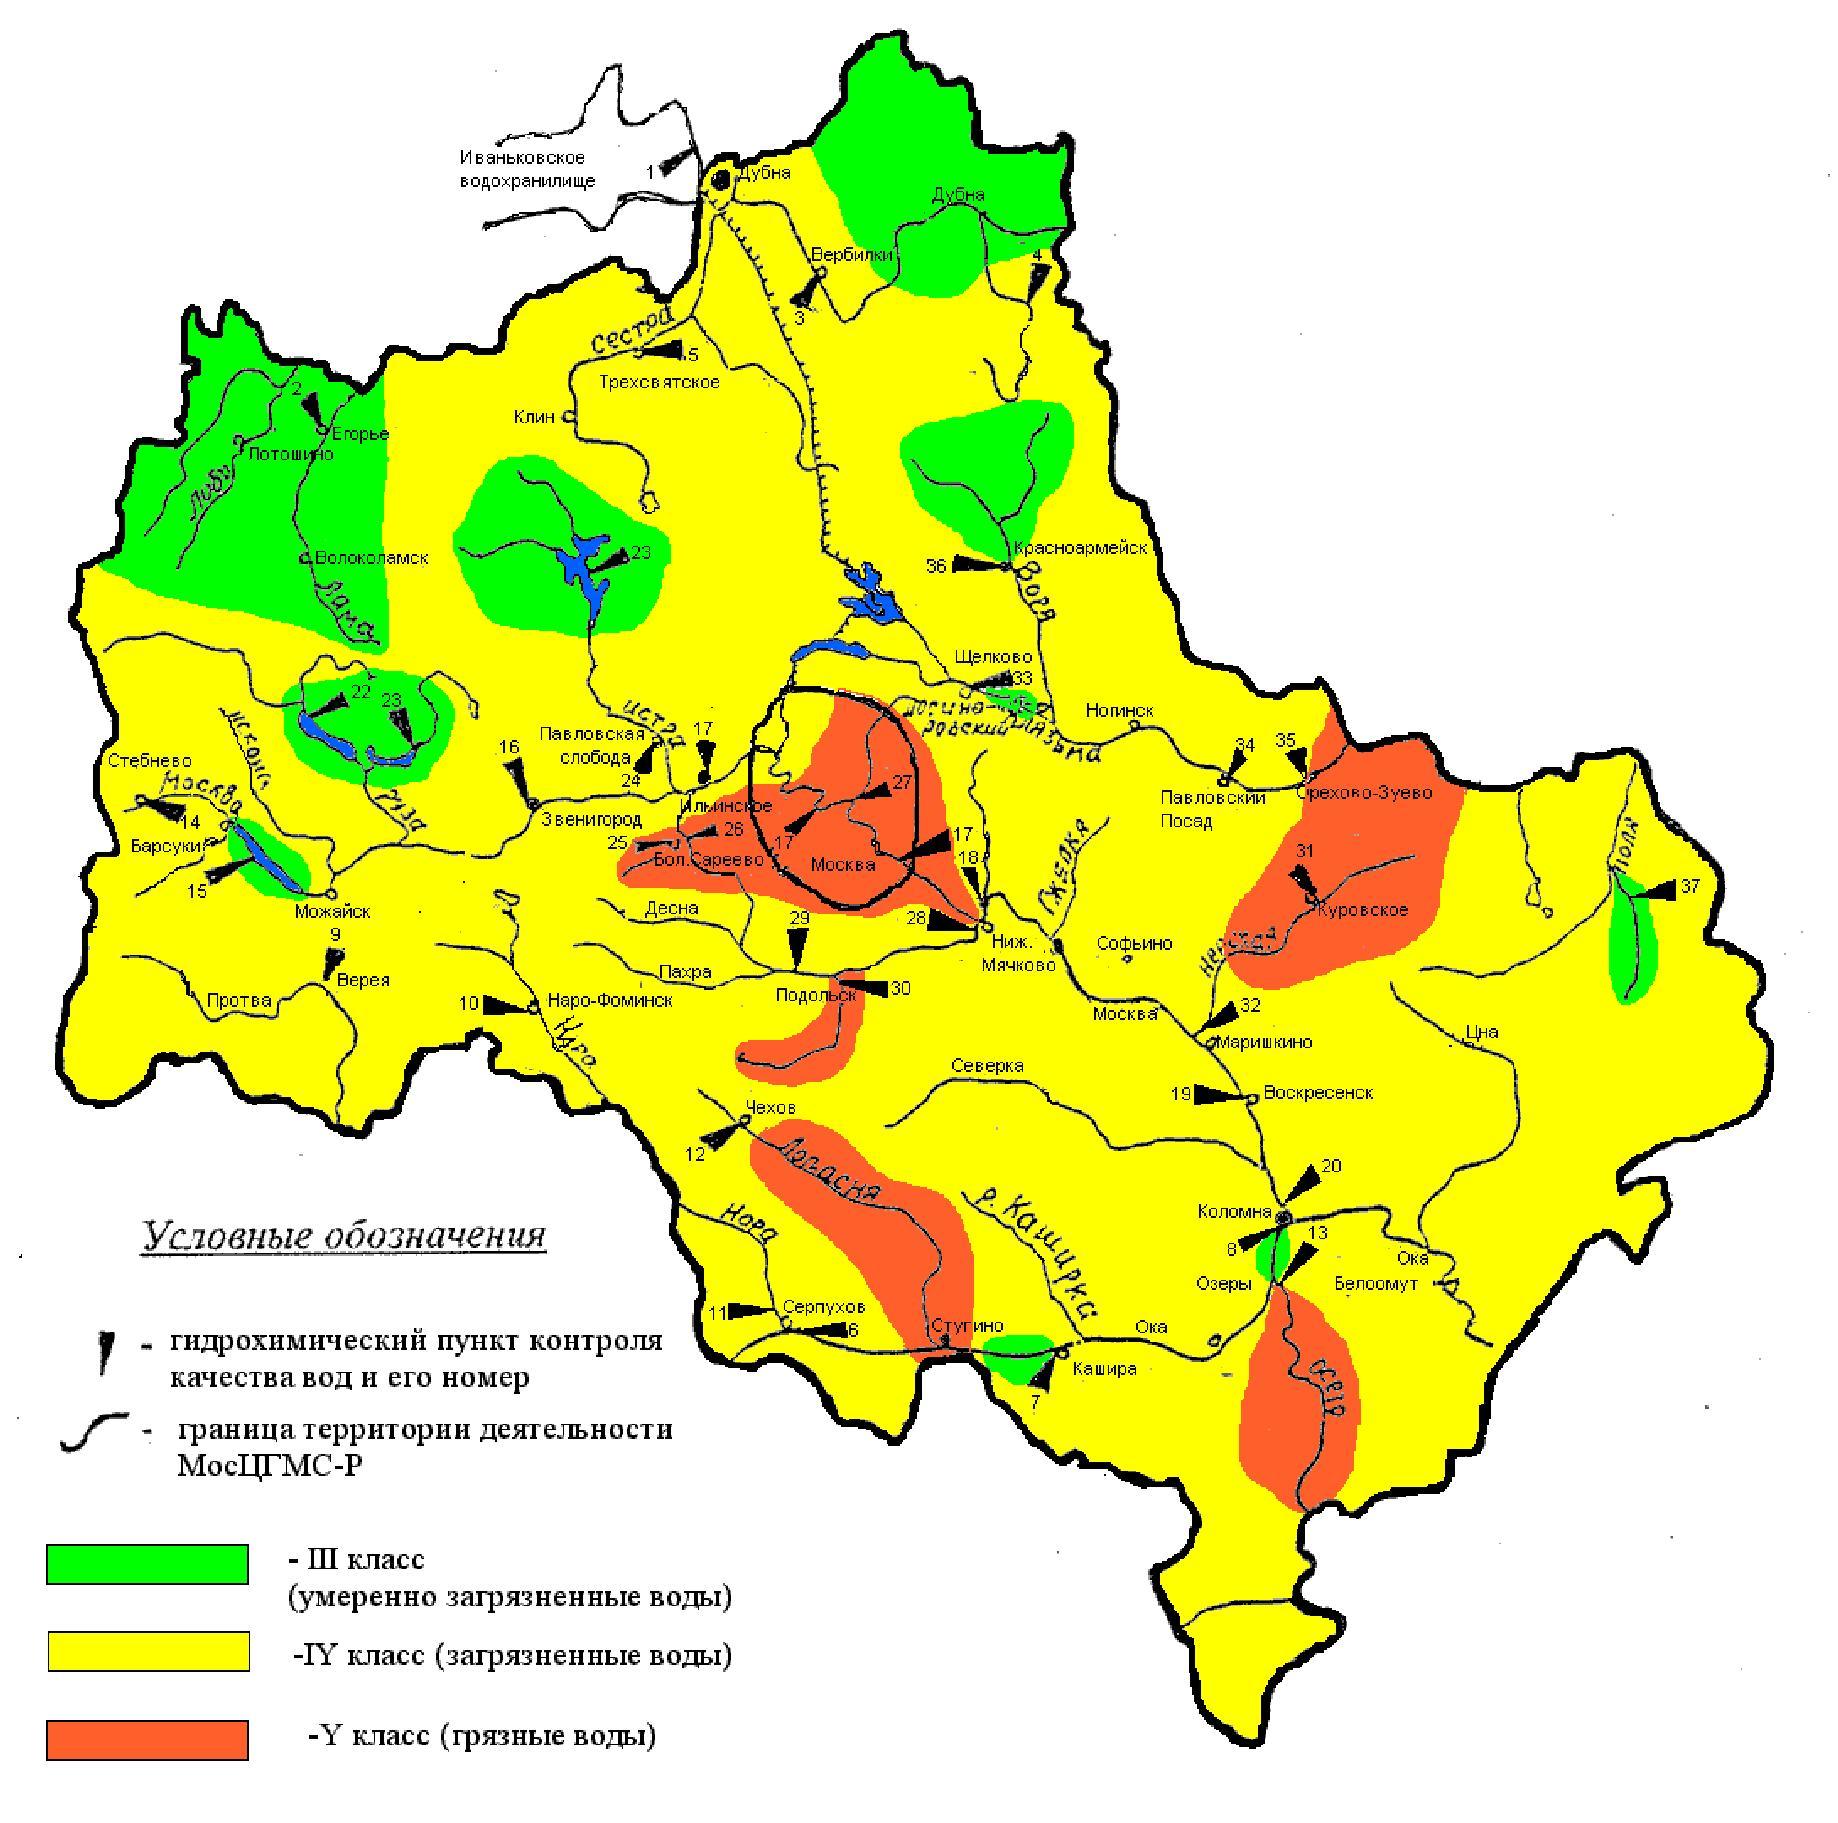 волгоград советский район геологическая карта схема